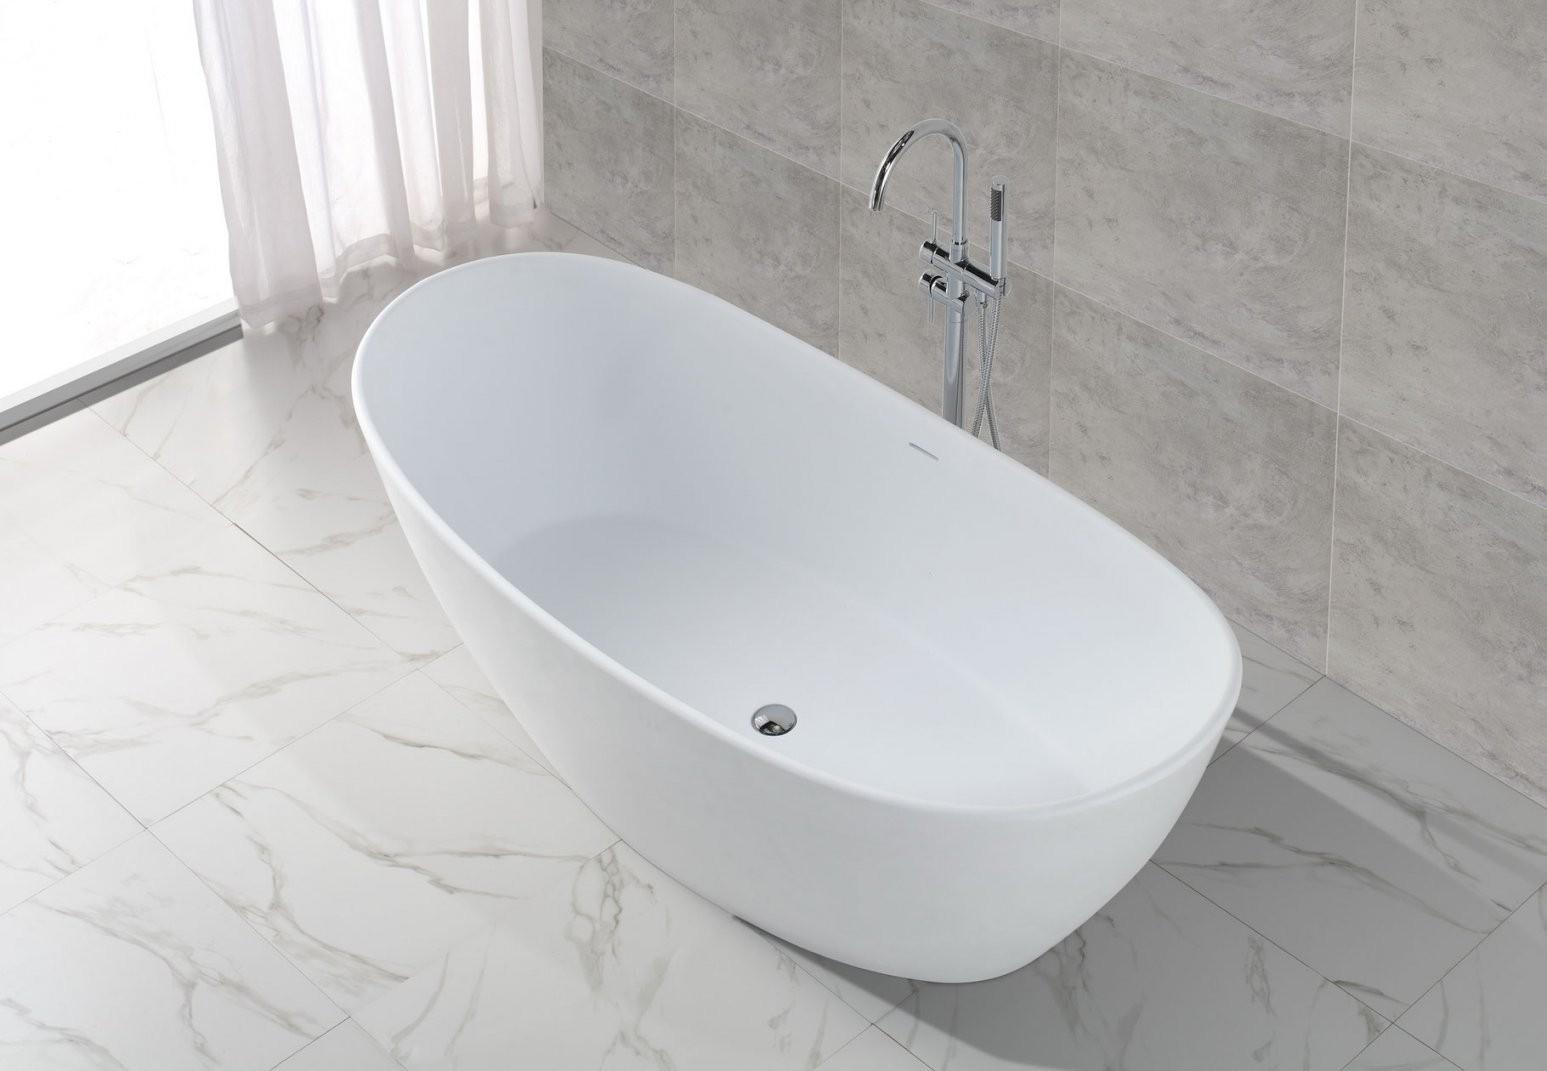 Freistehende Badewanne Canberra S  Badefieber von Ovale Freistehende Badewanne Bild